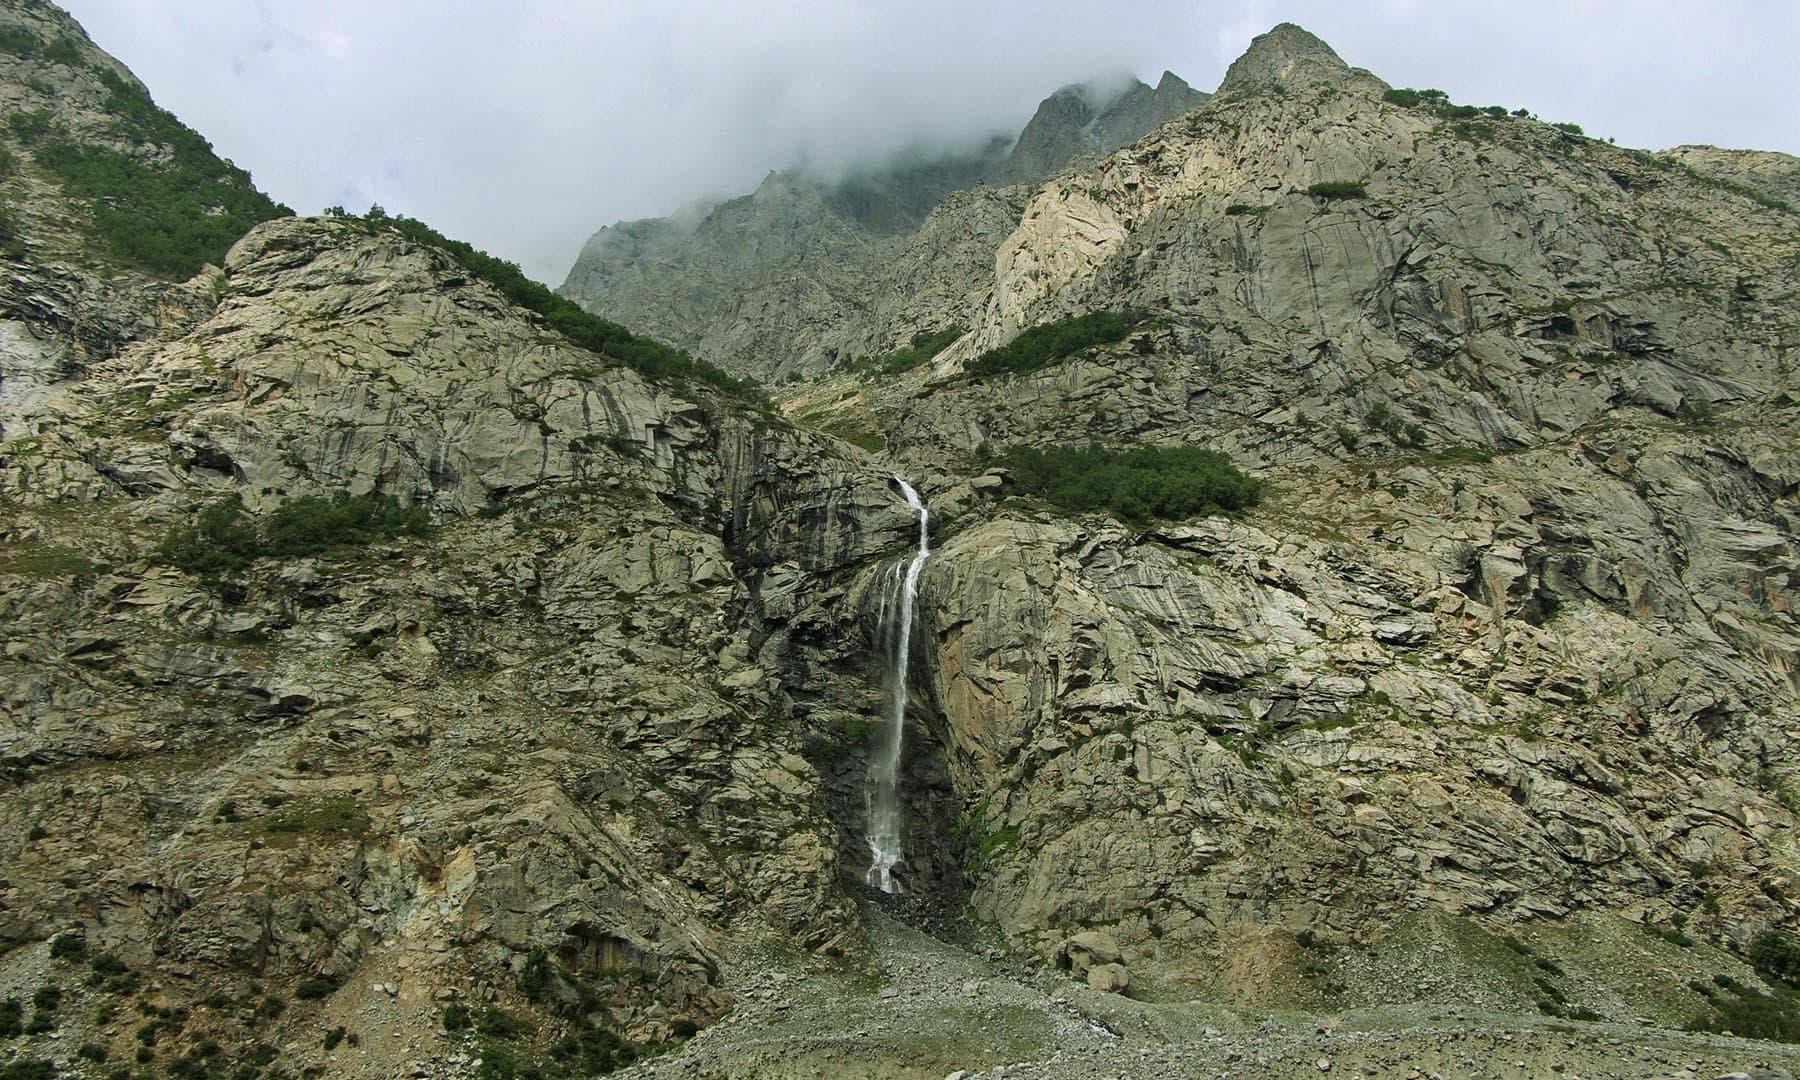 ڈونچار کے راستے میں درجن بھر ایسے آبشار دعوت نظارہ دیتے ہیں—تصویر امجد علی سحاب